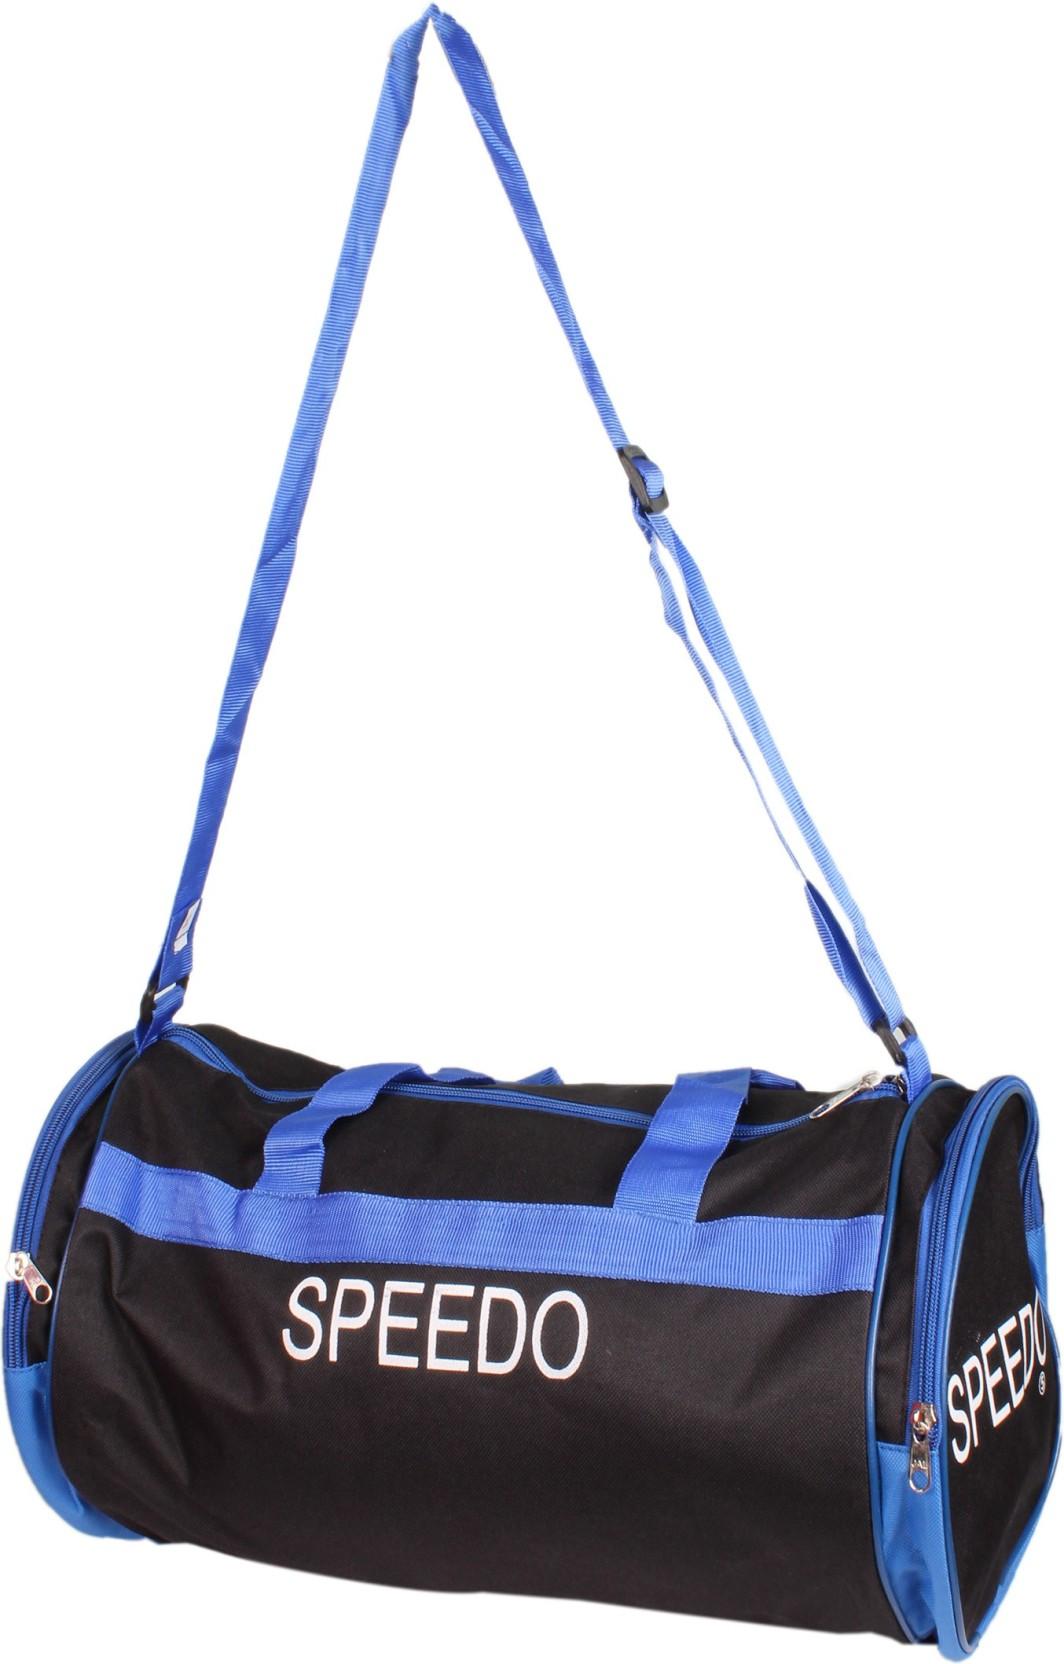 Gym Bag Share